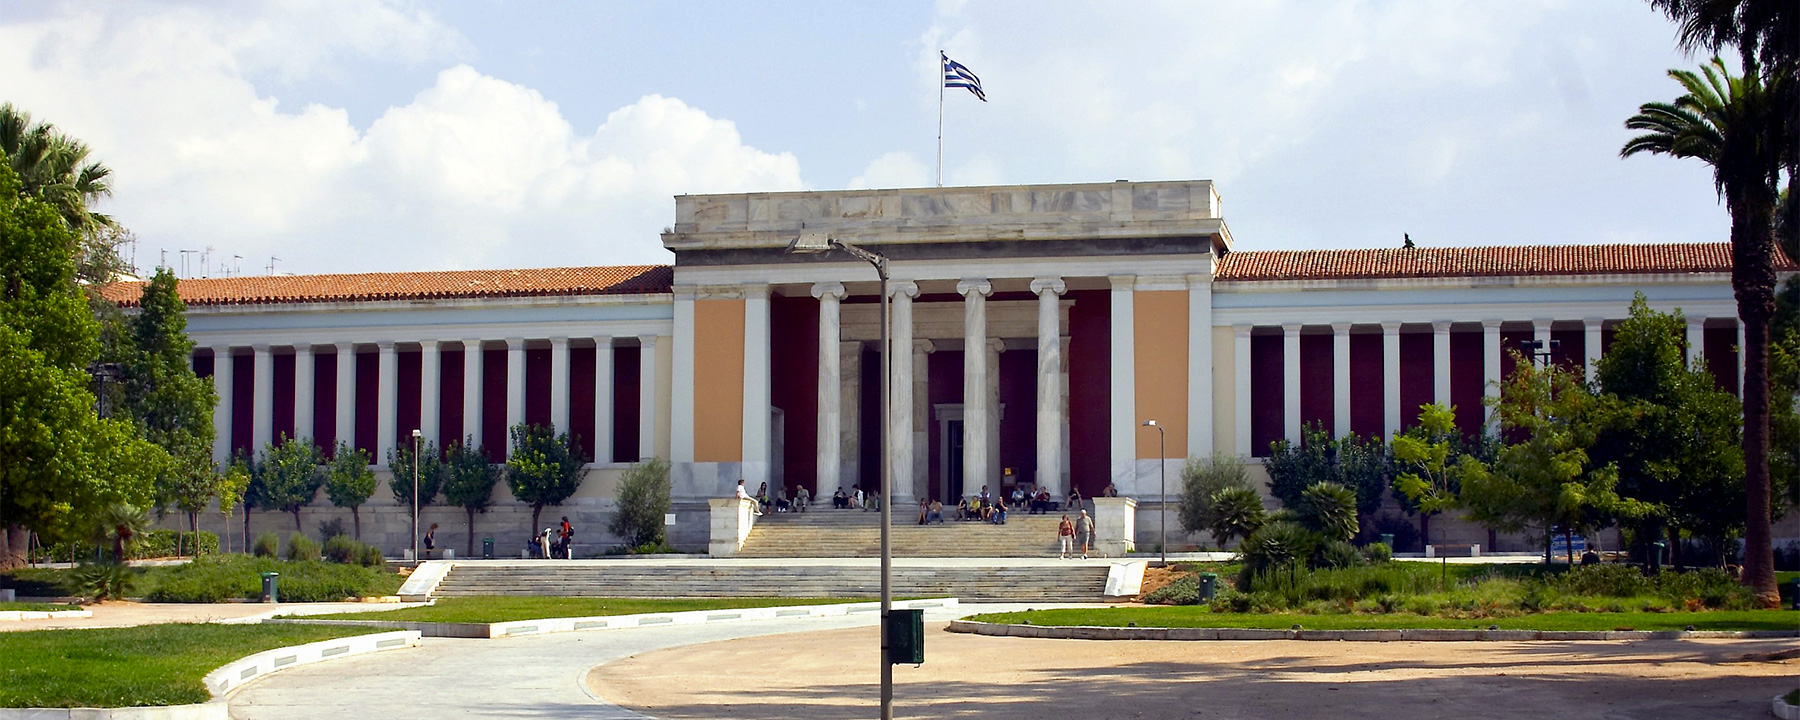 Национальный музей афин